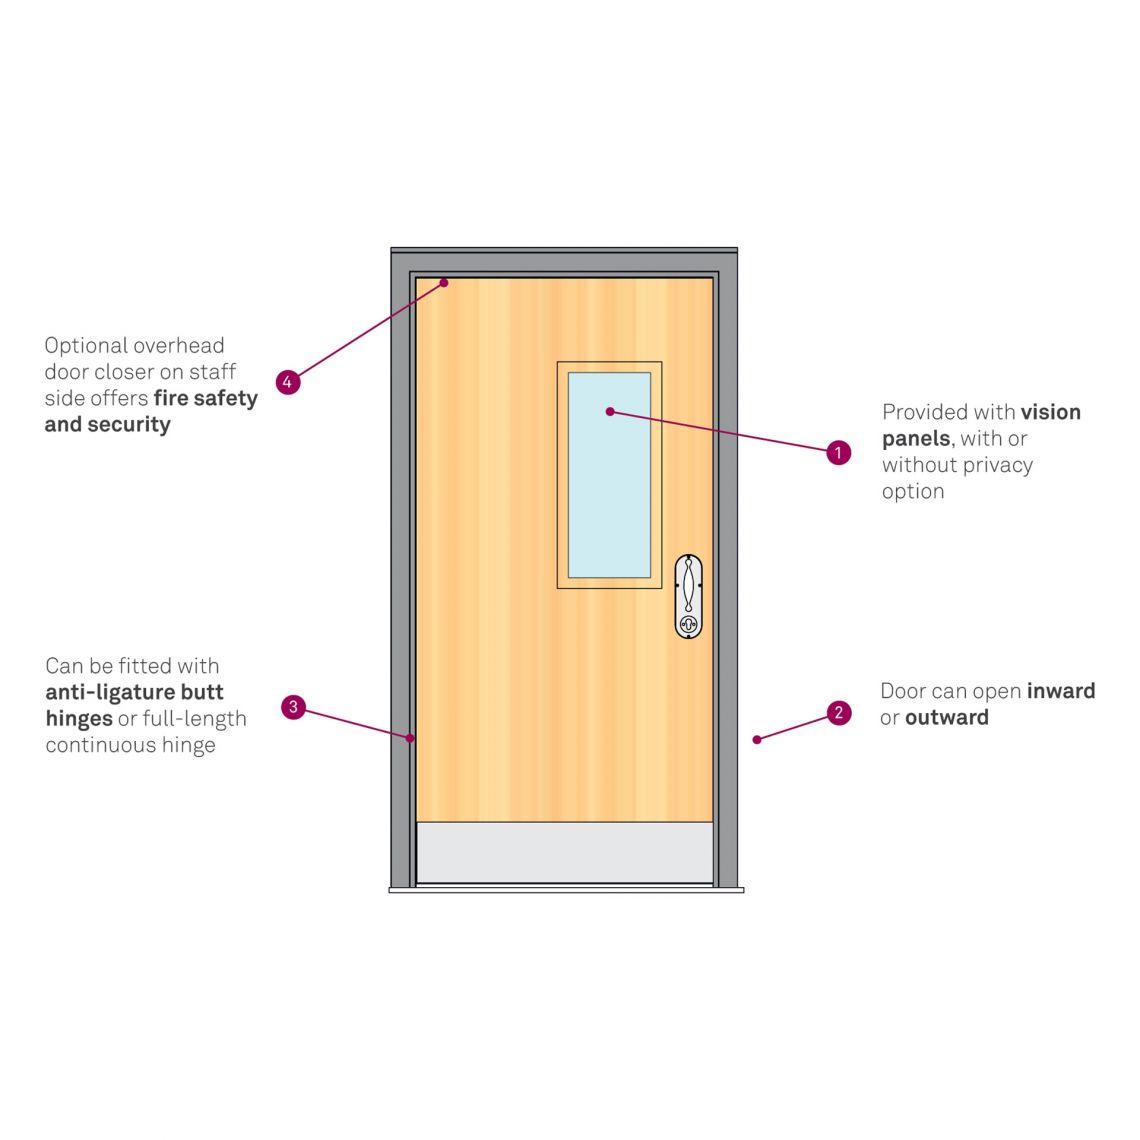 Non-service user doorset